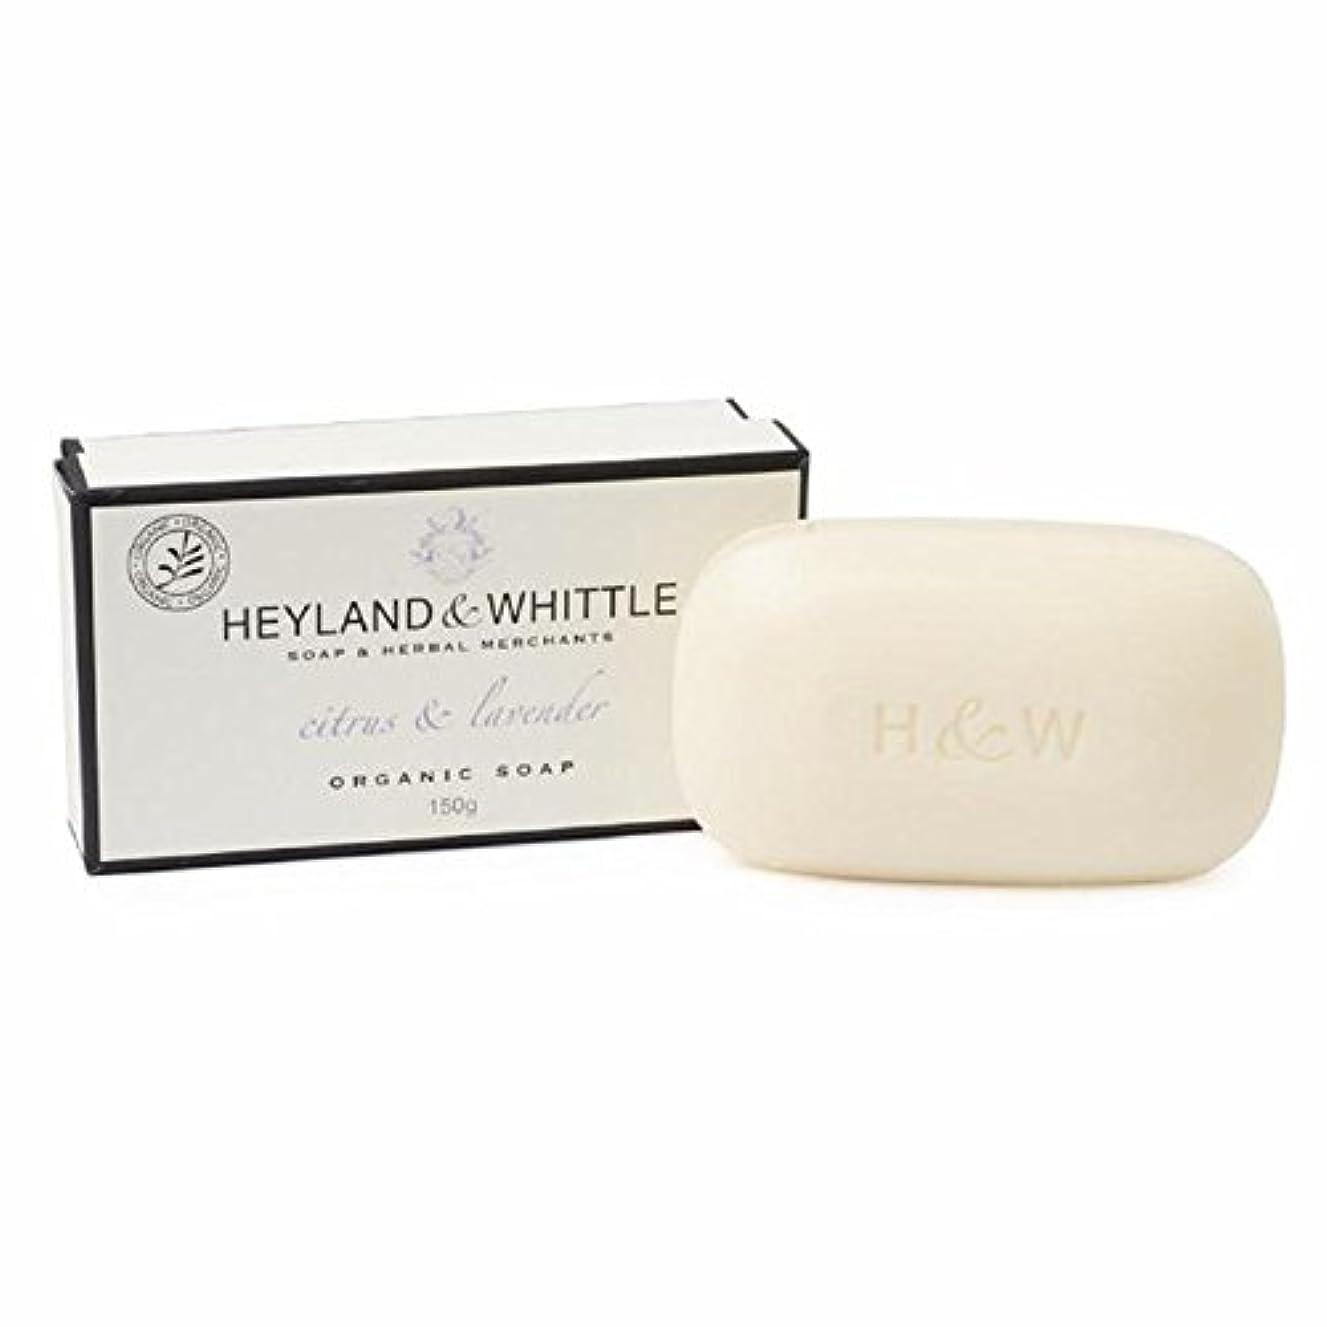 押し下げる未亡人喜んでHeyland & Whittle Citrus & Lavender Boxed Organic Soap 150g (Pack of 6) - &削るシトラス&ラベンダーは、有機石鹸150グラム箱入り x6 [並行輸入品]